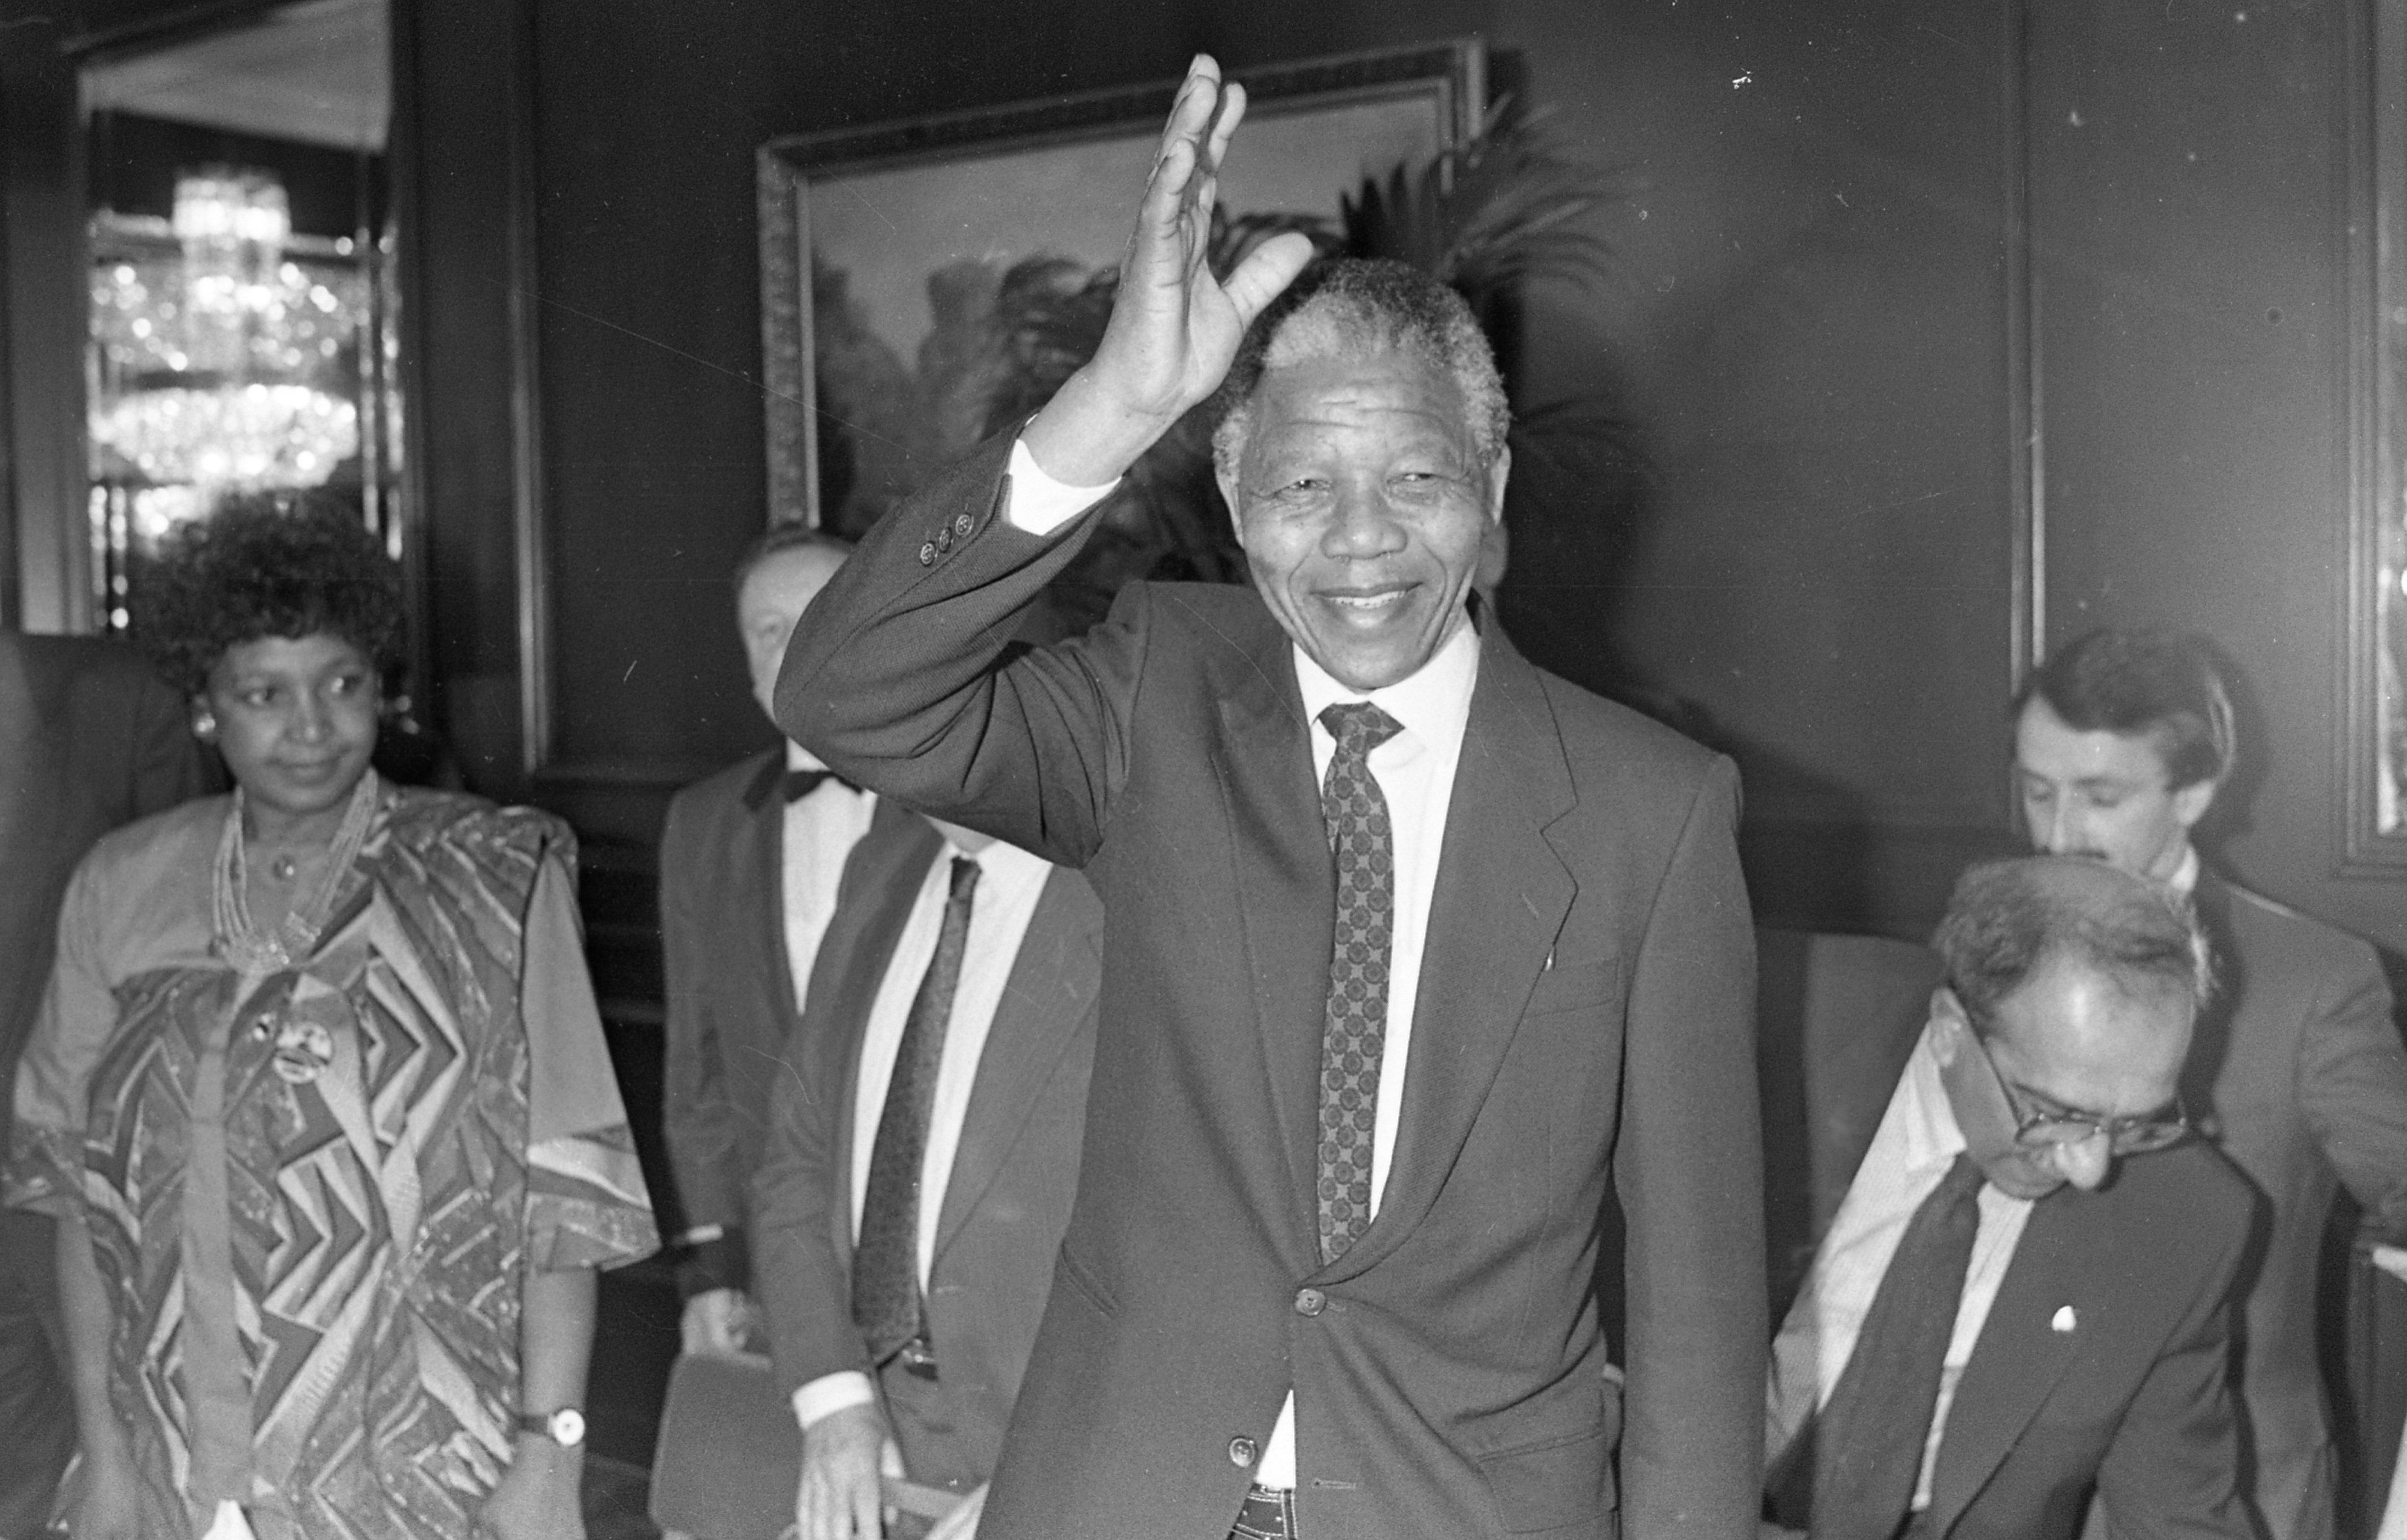 Nelson Mandela's visit to Ireland 1990